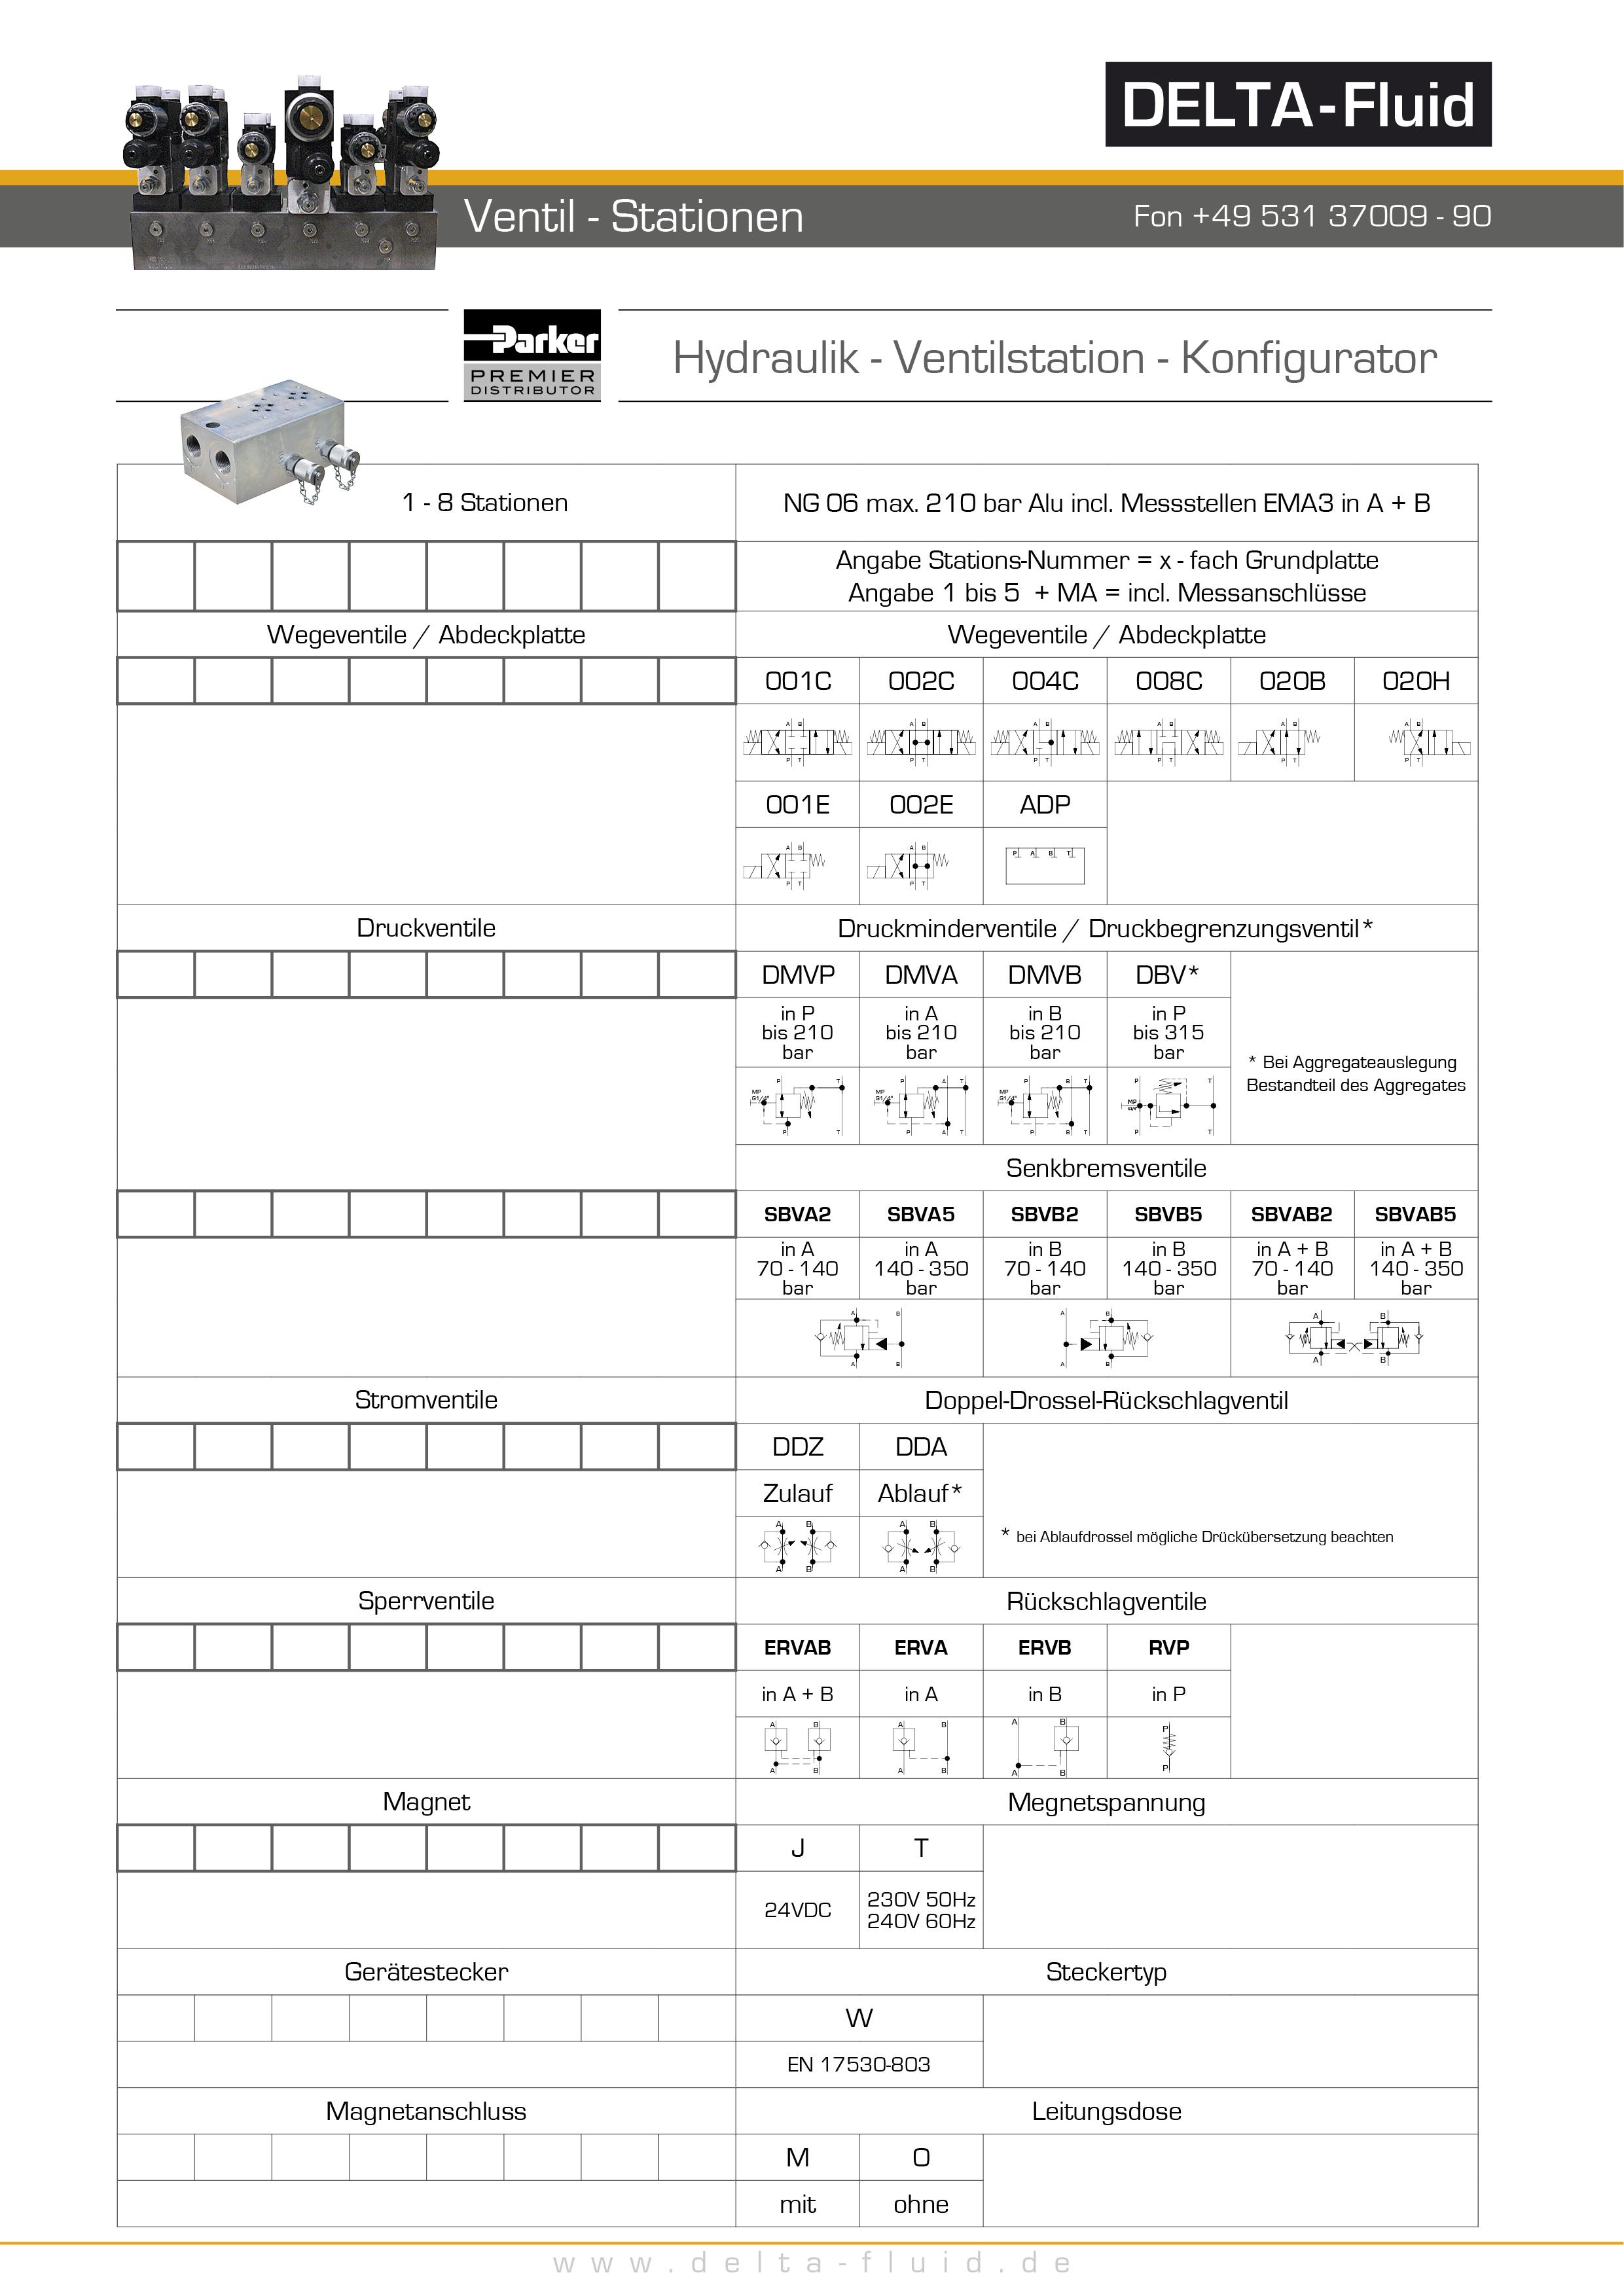 Ventilstation-Konfiguration-NG06-Alu-EMA358e49b8b4aaa3